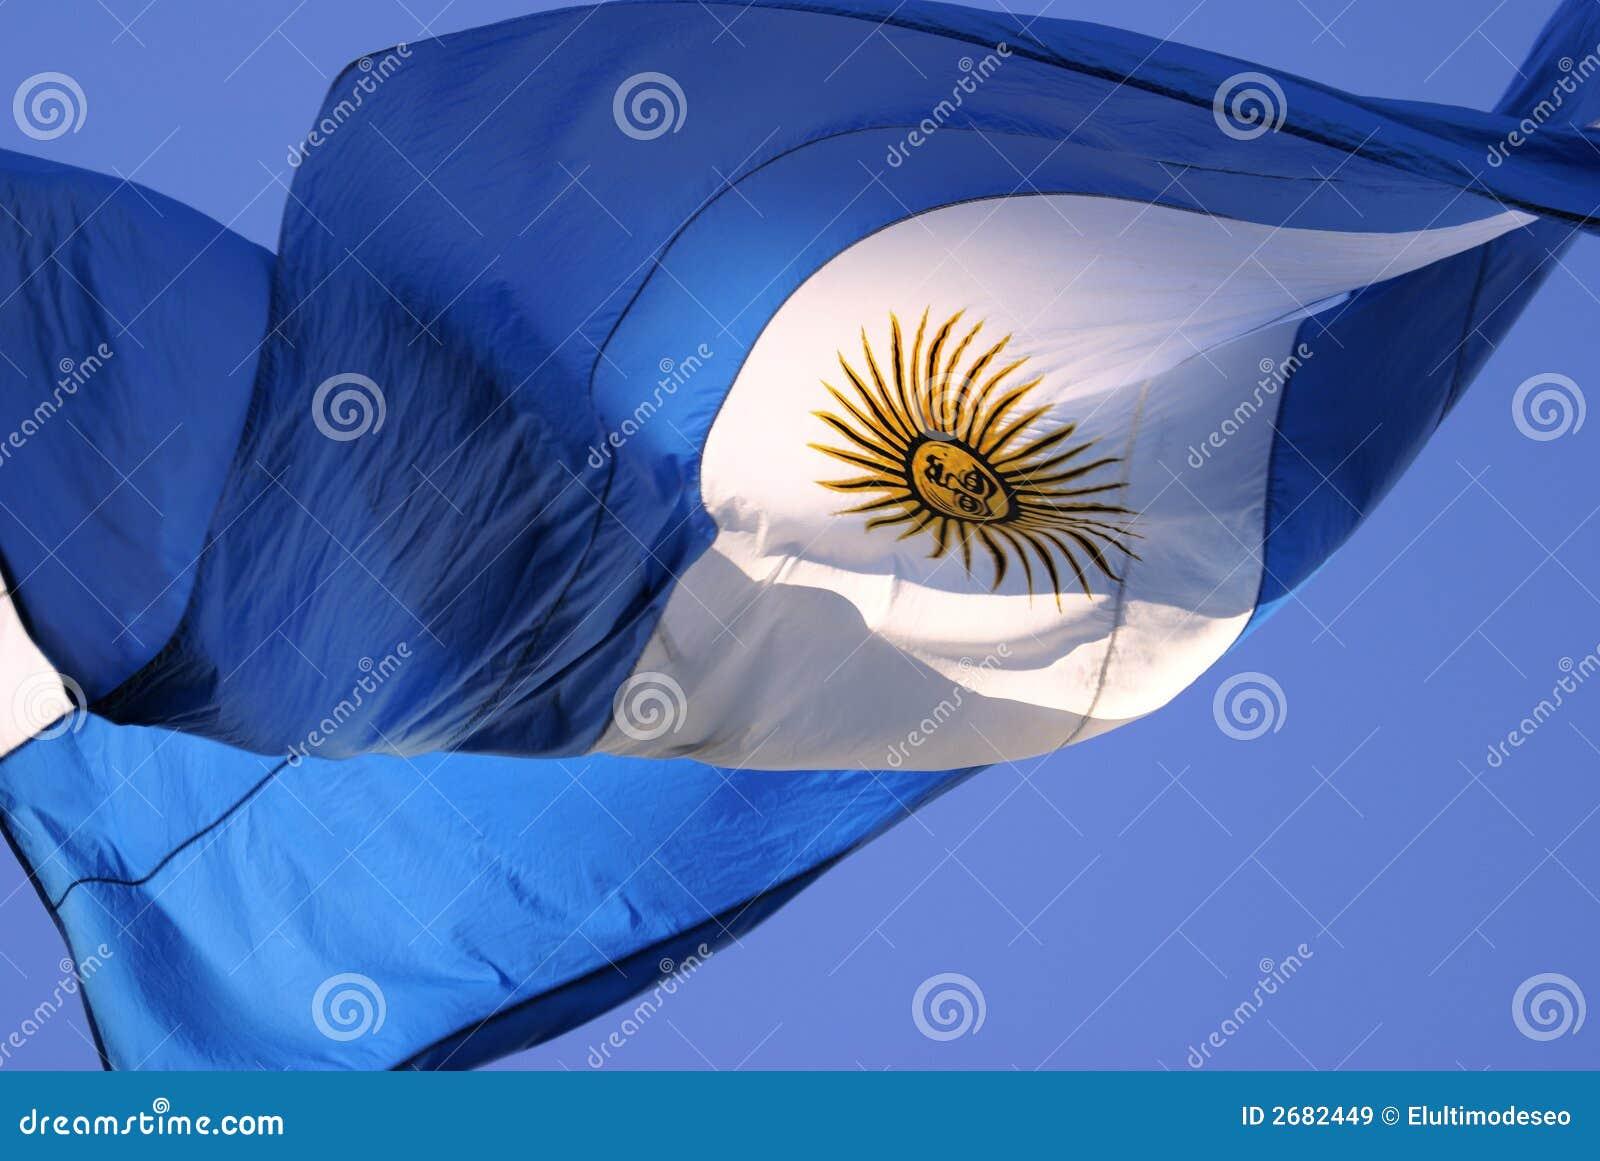 Download Argentina Flag stock image. Image of travel, flag, light - 2682449